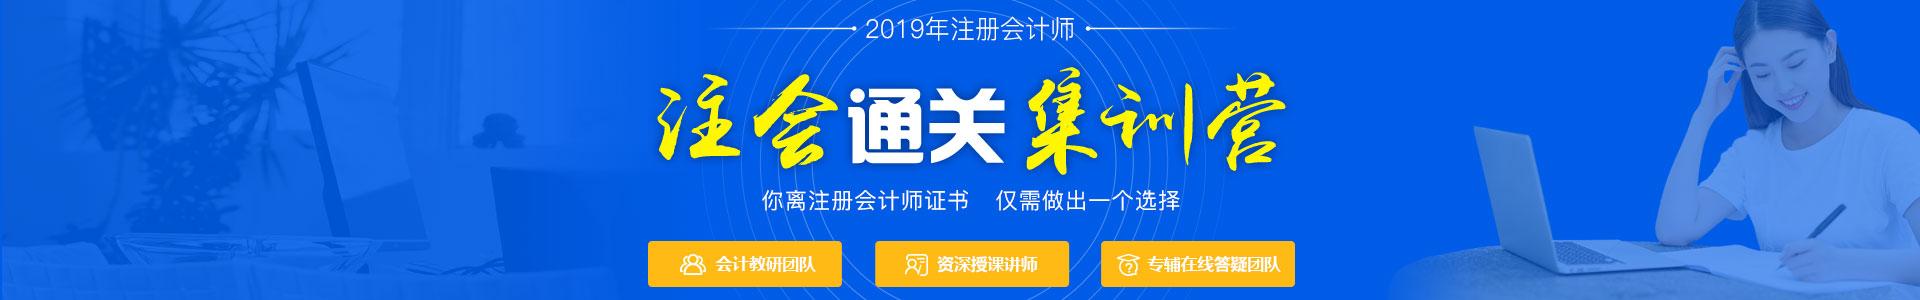 杭州会计培训学校